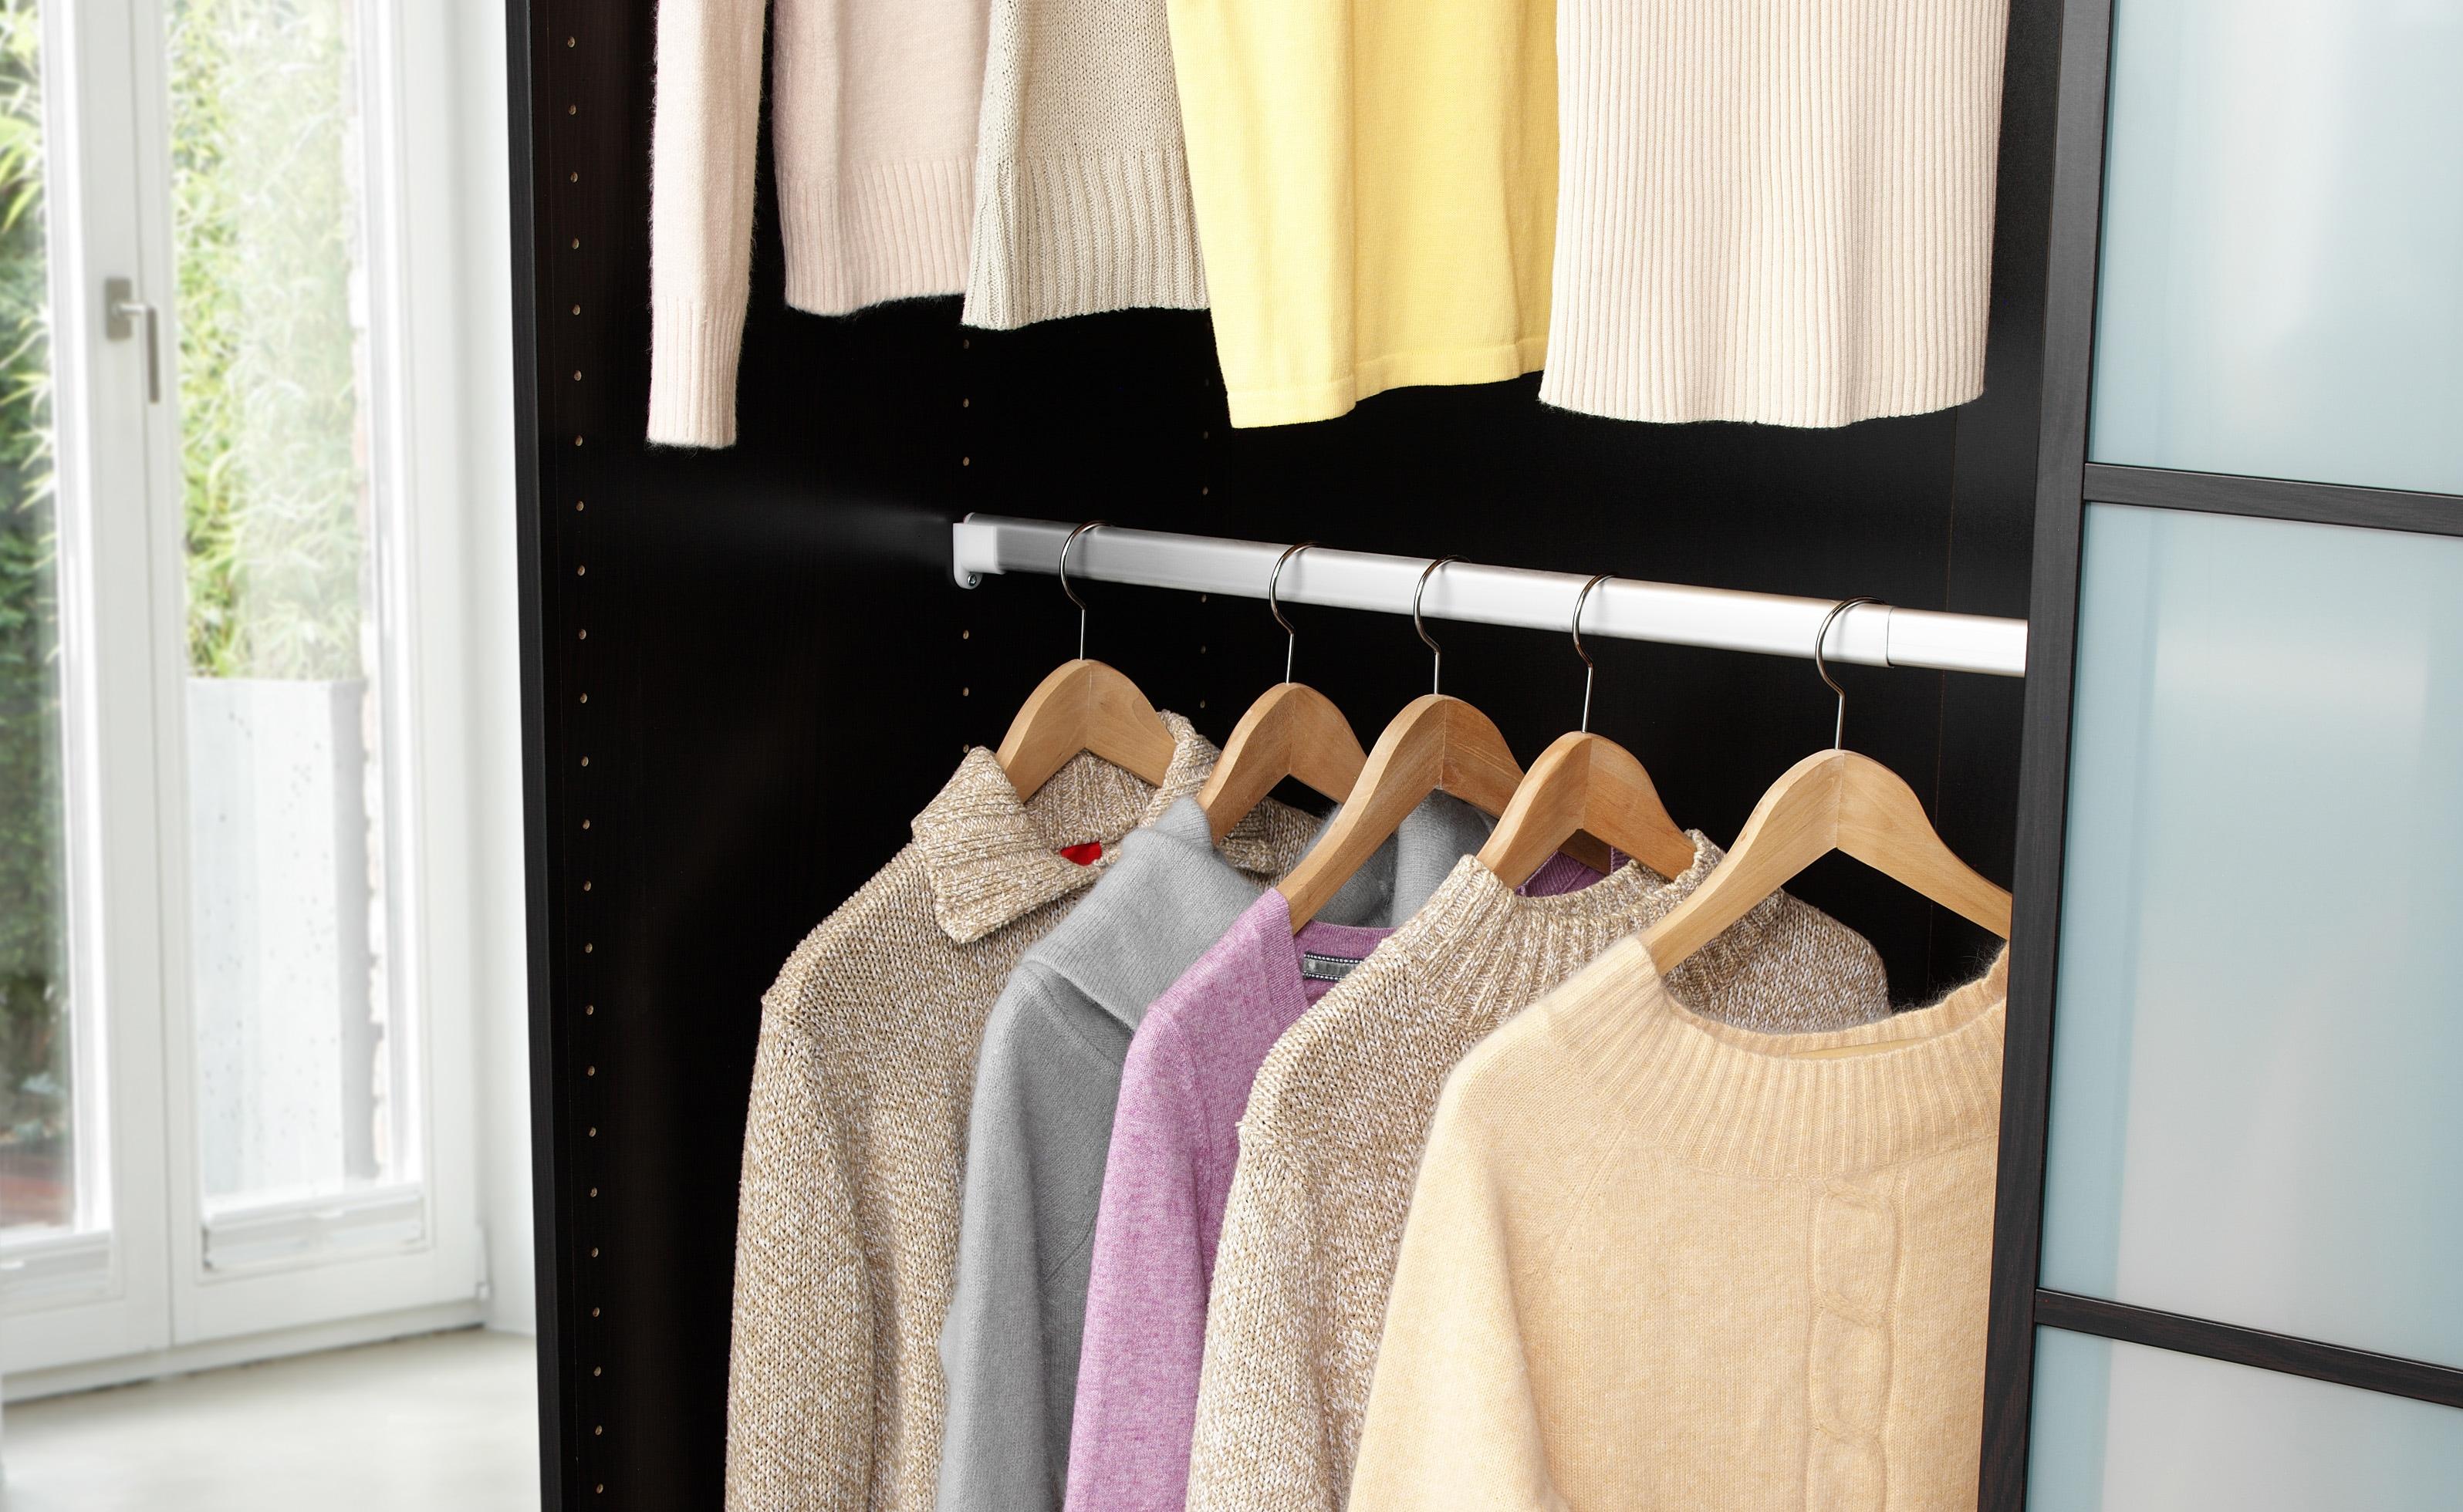 Ruco Kleiderstange, verstellbar in der Breite von 58-100cm silberfarben Zubehör für Kleiderschränke Möbel Kleiderstange